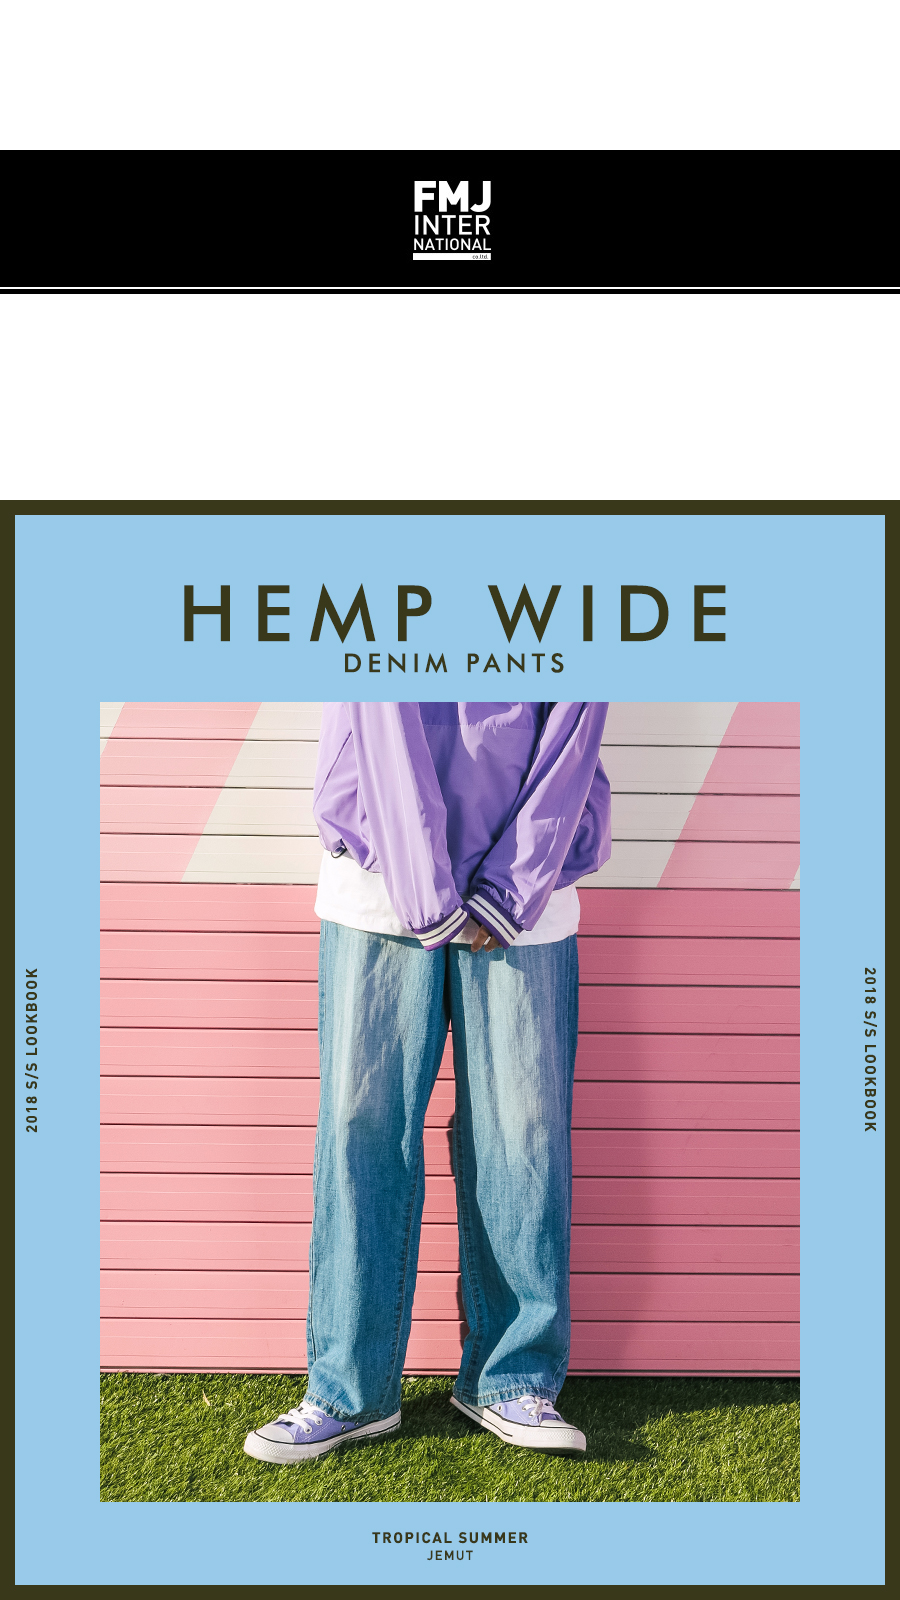 20180521_hemp_wide_denim_pants_model_kj_01.jpg